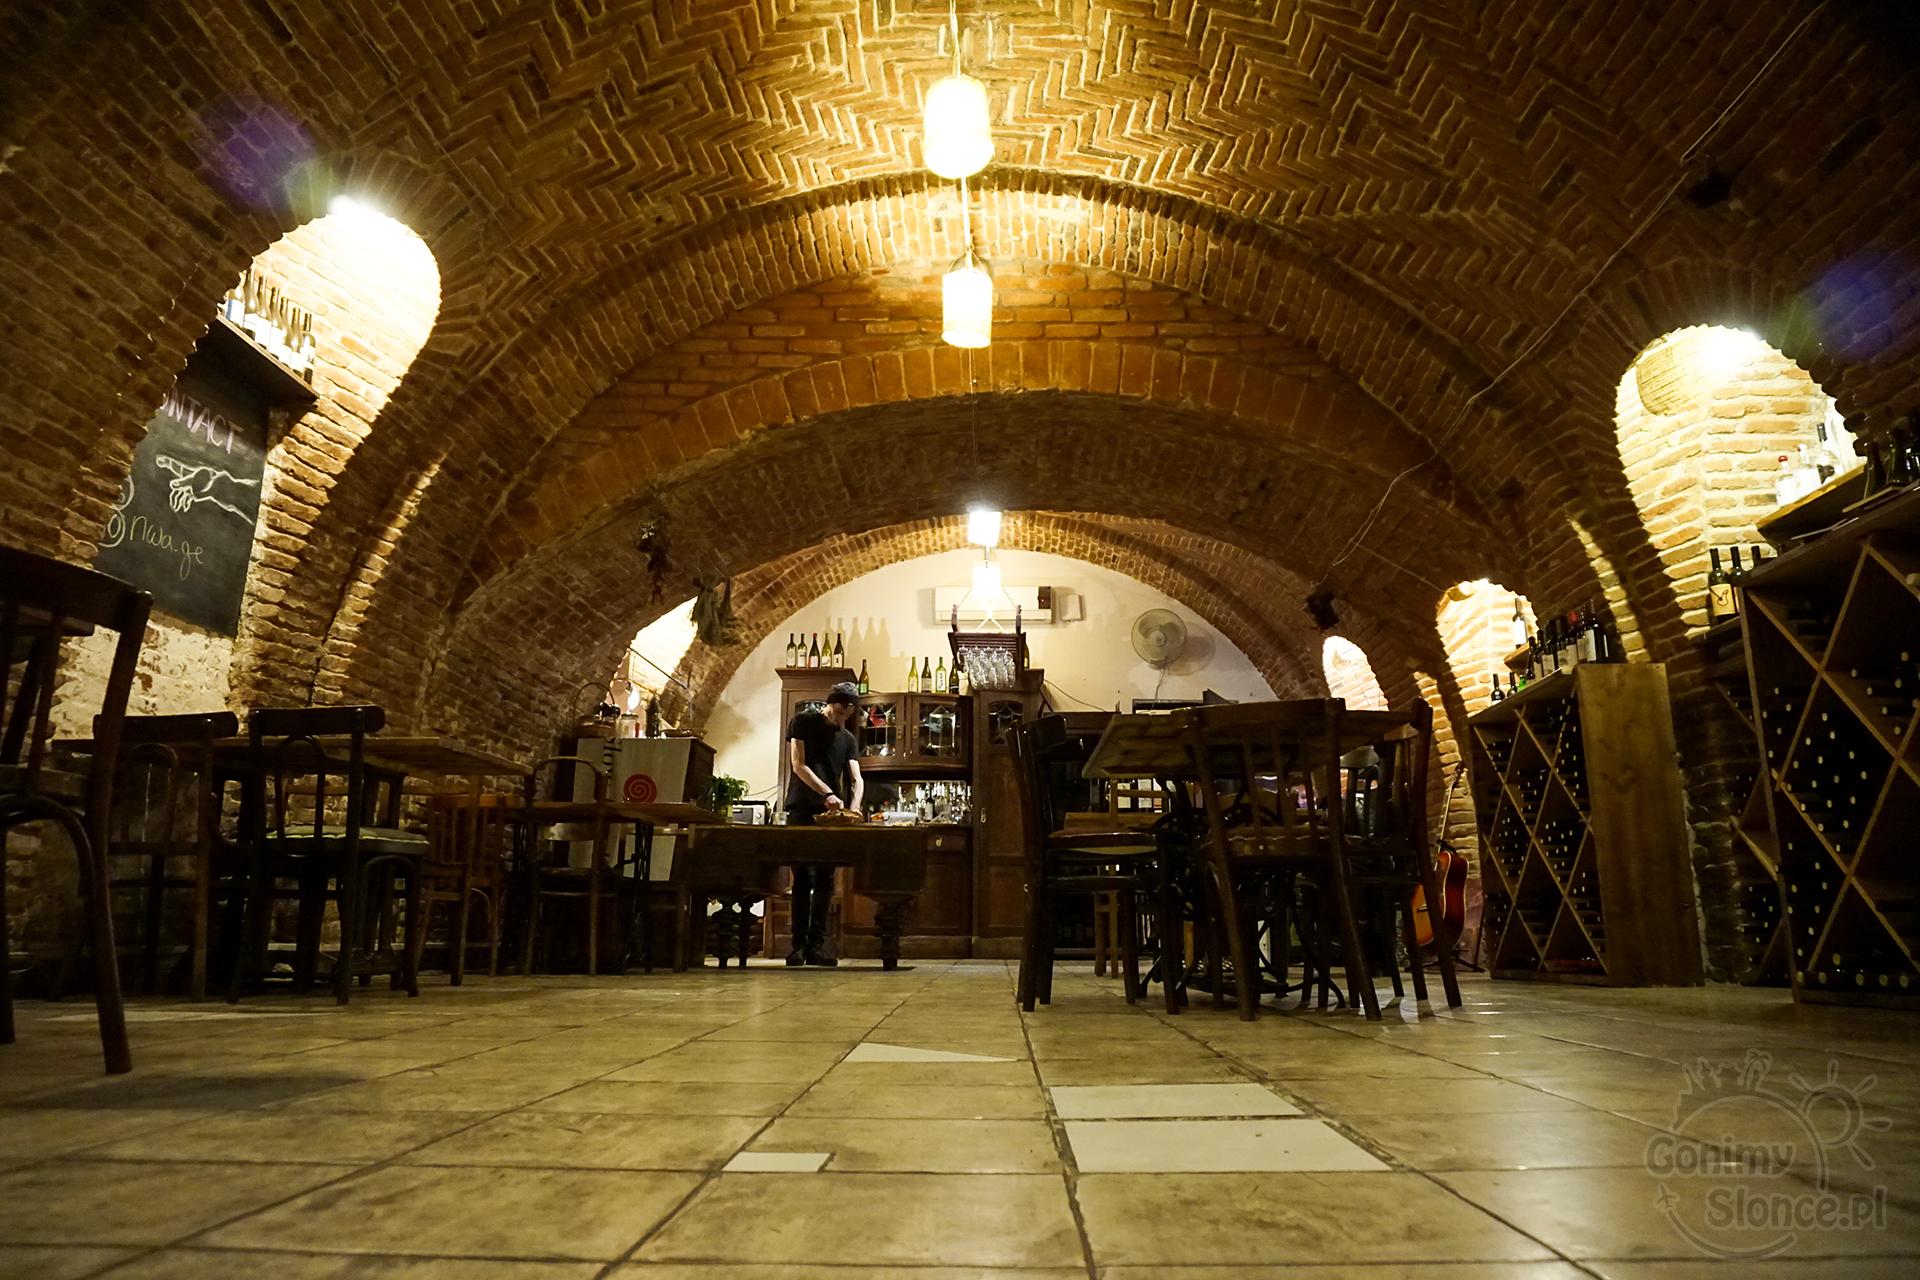 Nocne Tbilisi - Winiarnia degustacyjna